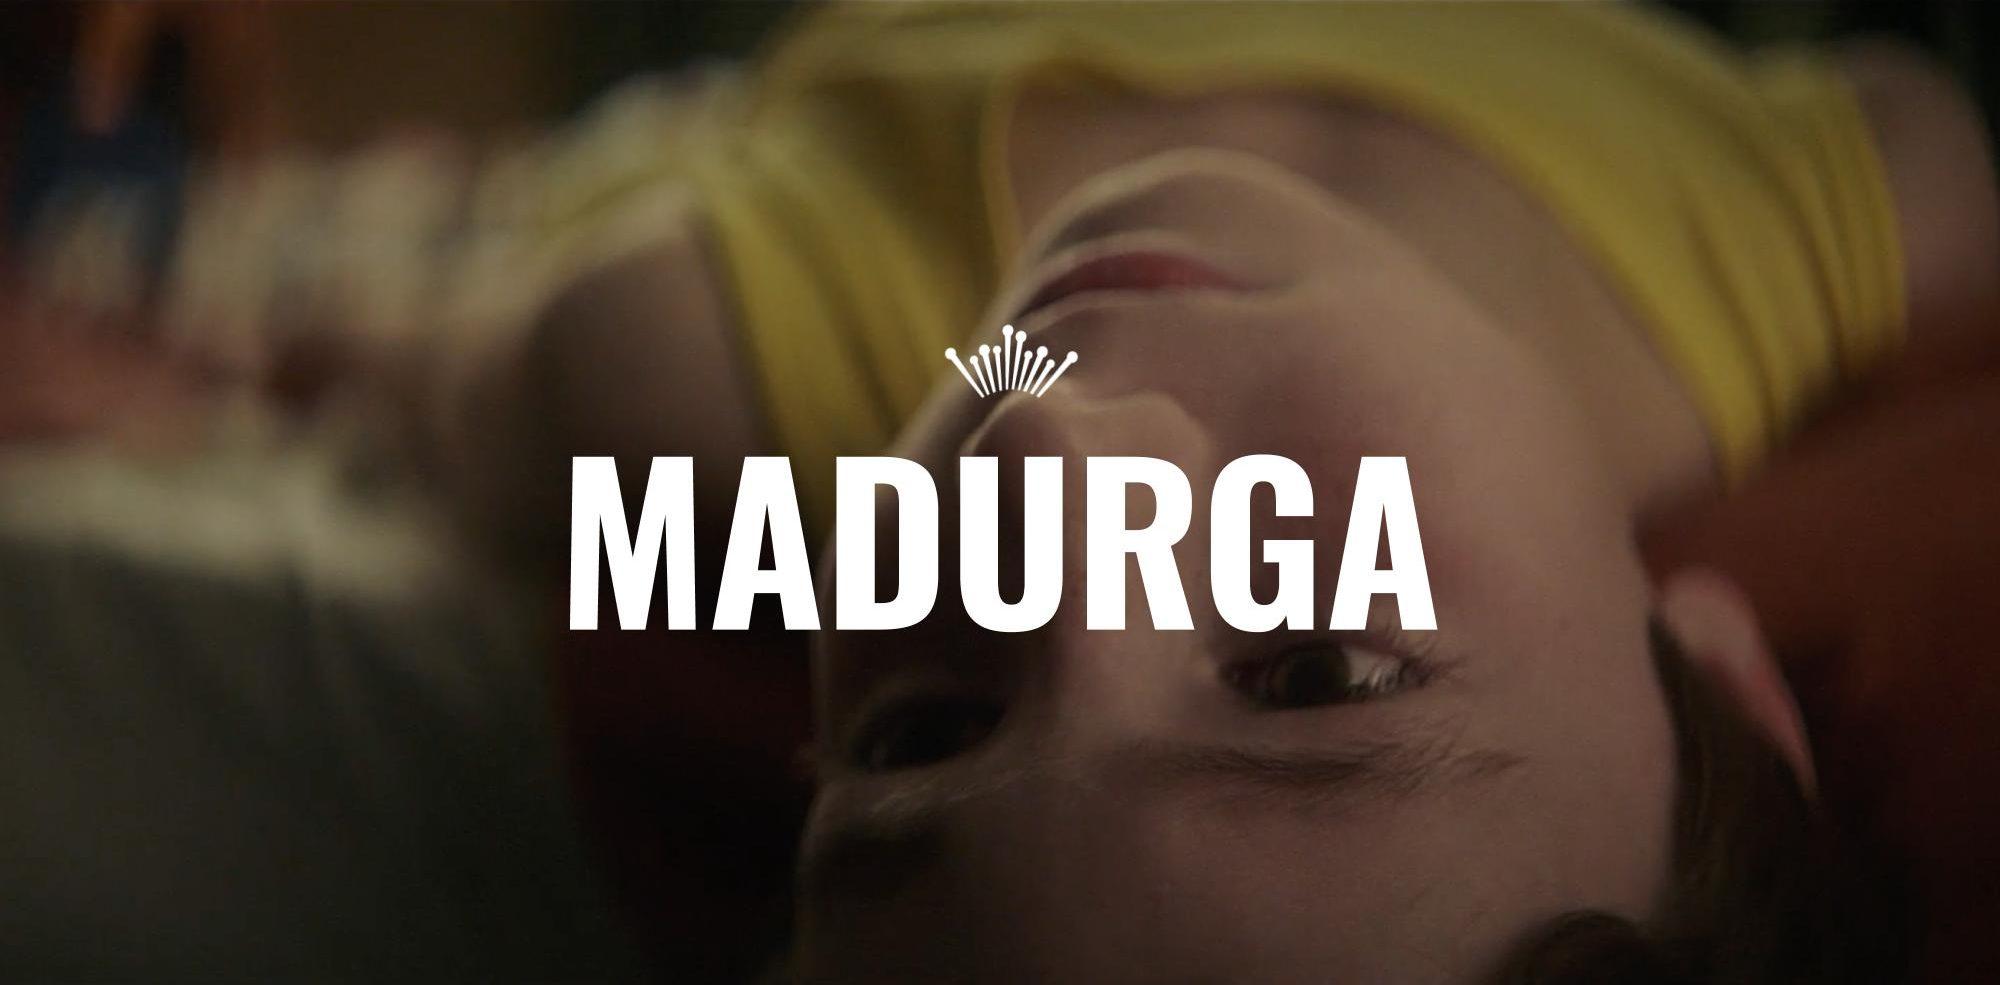 MADURGA-e1584030033420